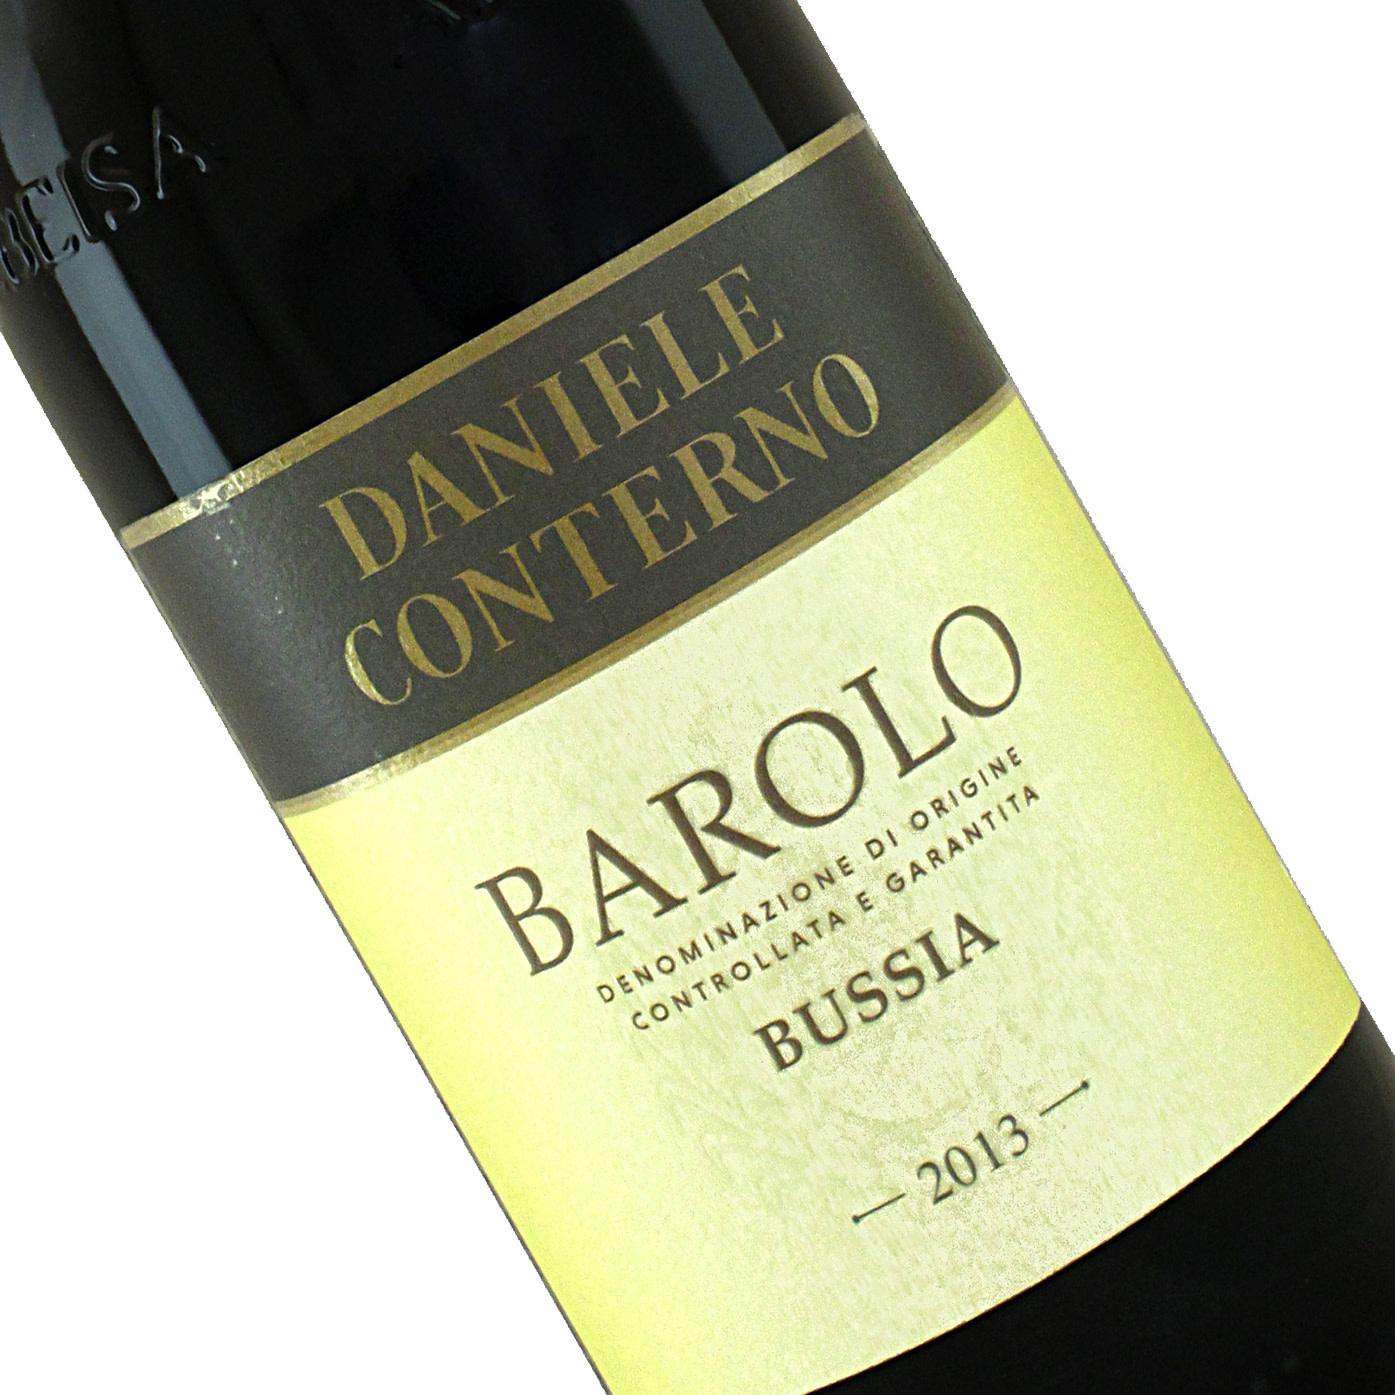 Daniele Conterno 2013 Barolo Riserva Bussia, Piedmont